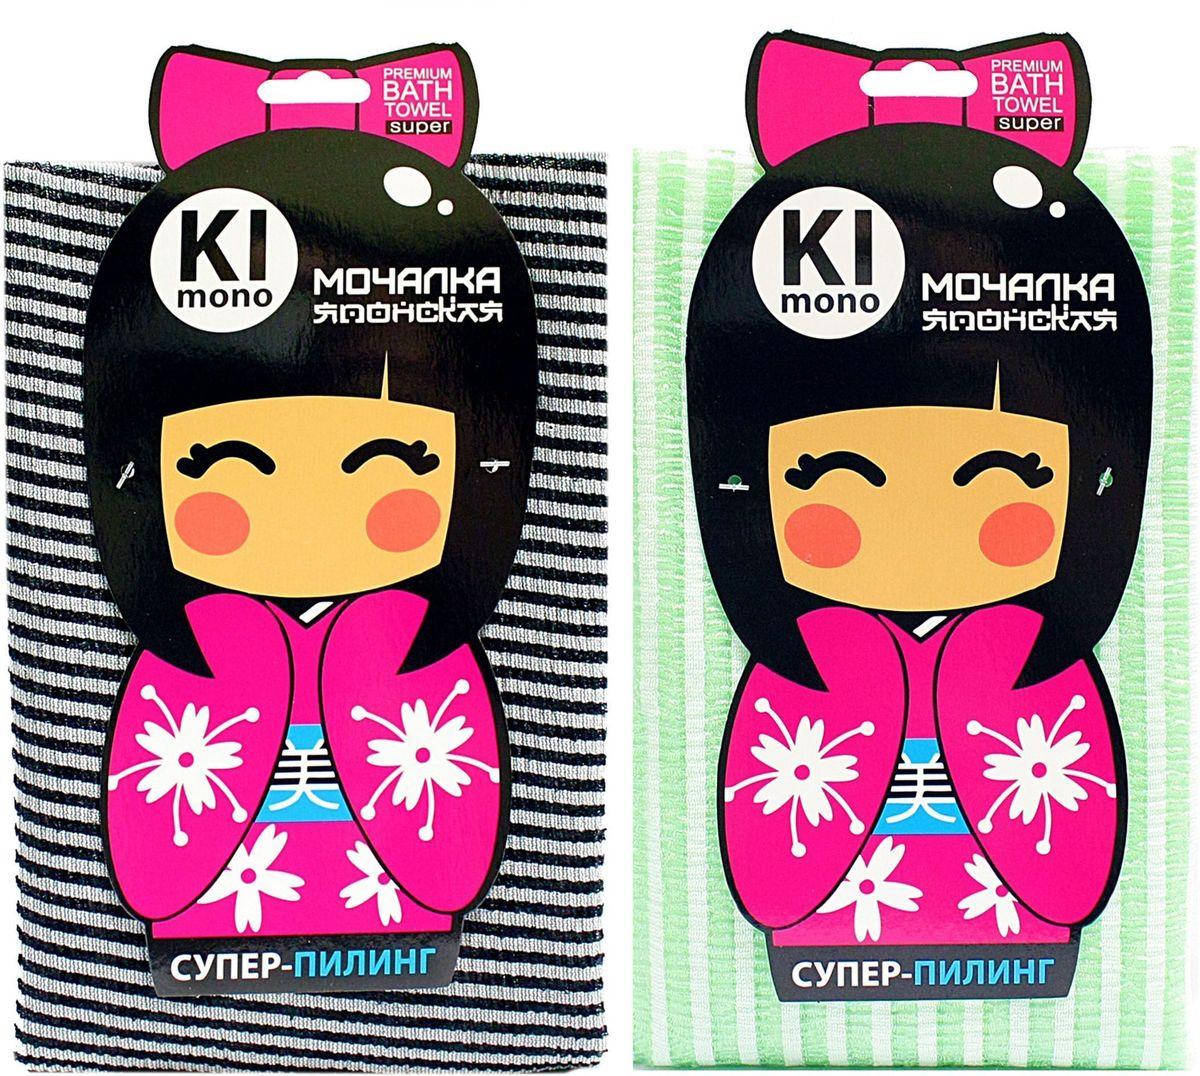 Мочалка-полотенце Eva Kimono. М34131М34131Мочалка-полотенце массажная Eva Kimono, изготовленная из скраб-нейлона (многоволокнистой нейлоновой нити с объемным плетением) является оригинальным товаром для ценителей японских мочалок, обладает высоким массажным эффектом. Мочалка с самым высоким уровнем жесткости обладает эффектом скраба, кожа становится чистой, упругой и свежей. Идеальна для профилактики и борьбы с целлюлитом.